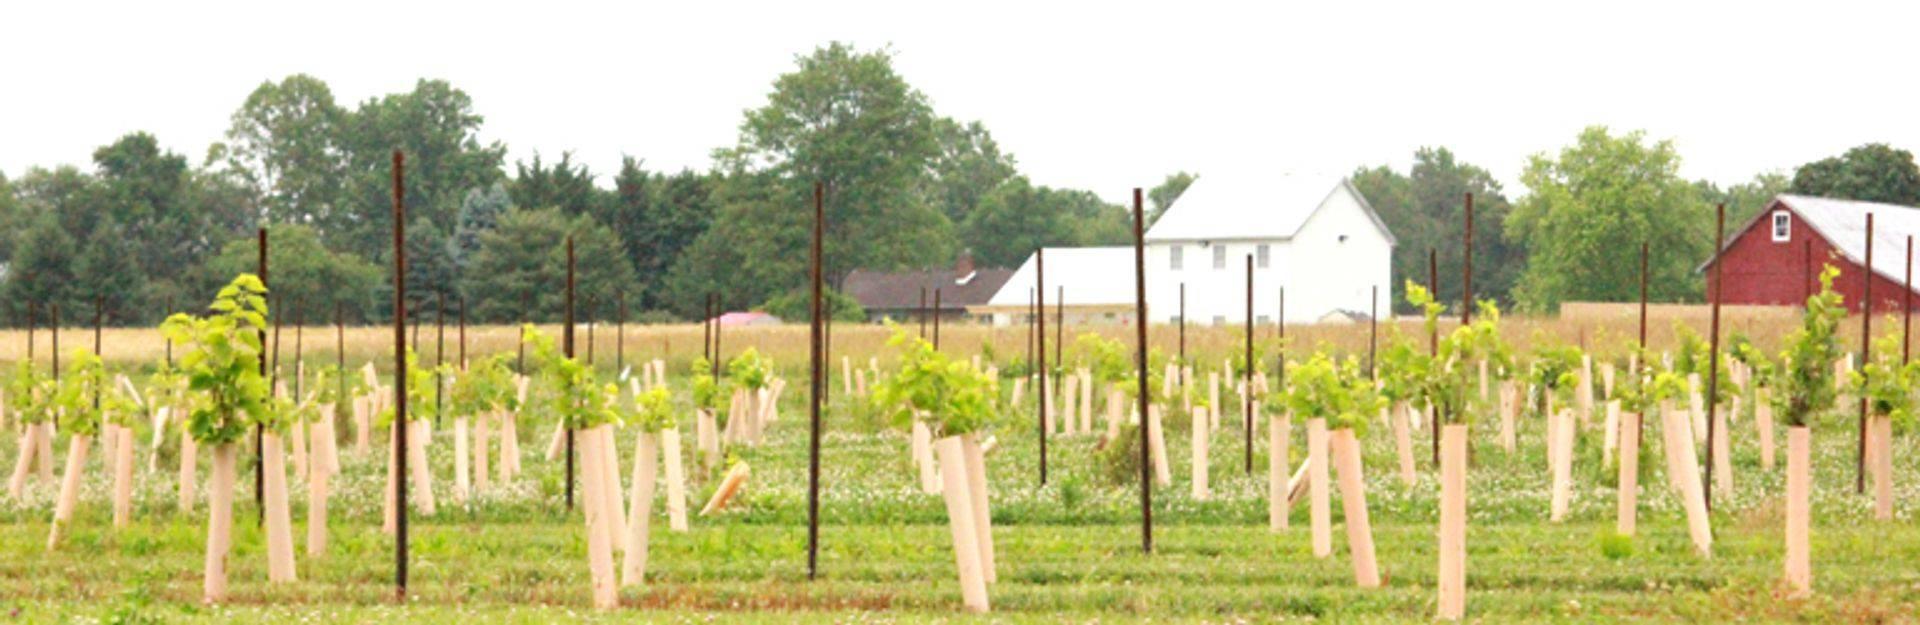 Cecil County Landscape